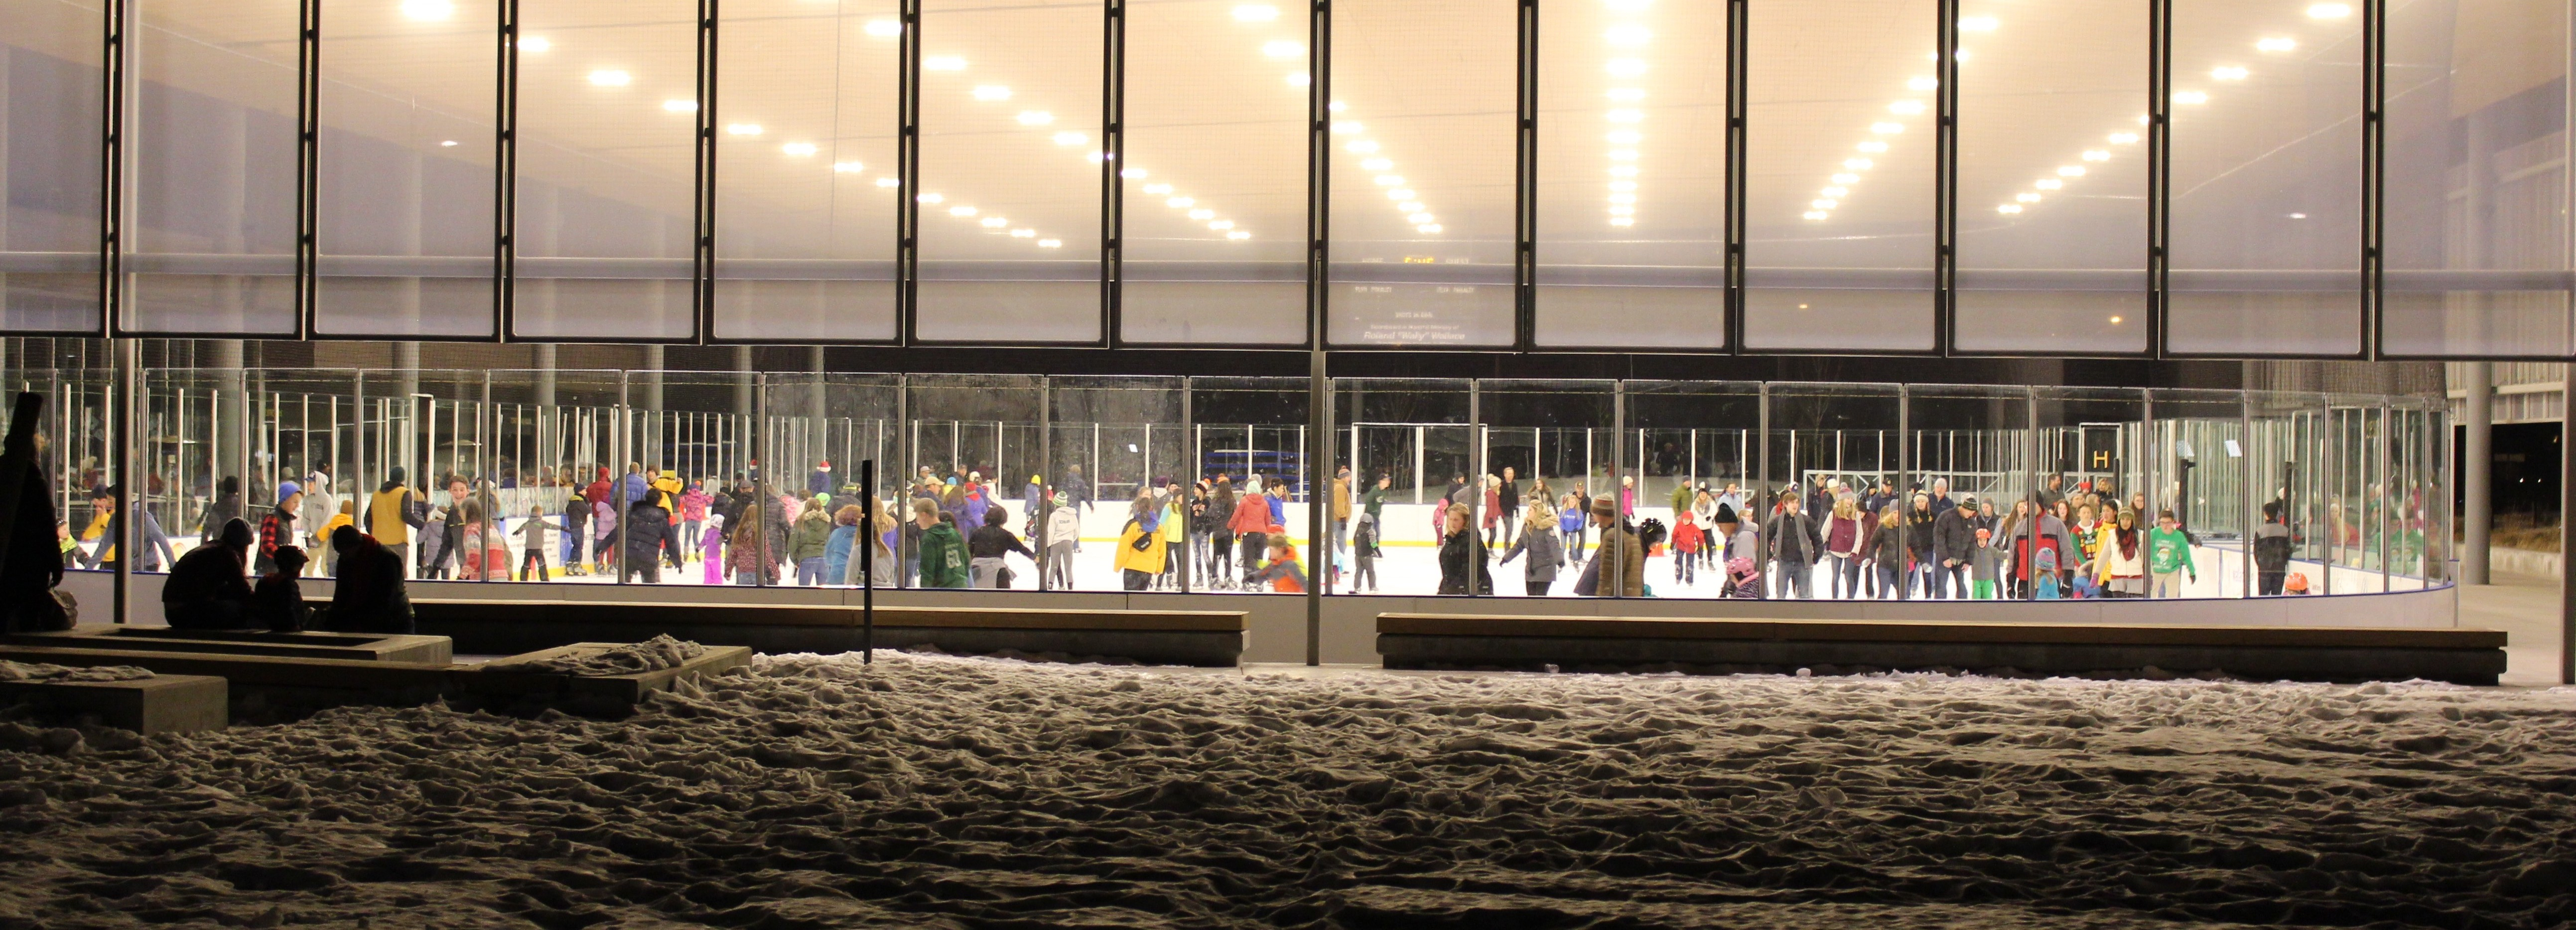 Pavilion_Winter-Solstice_0020-e1507930336205